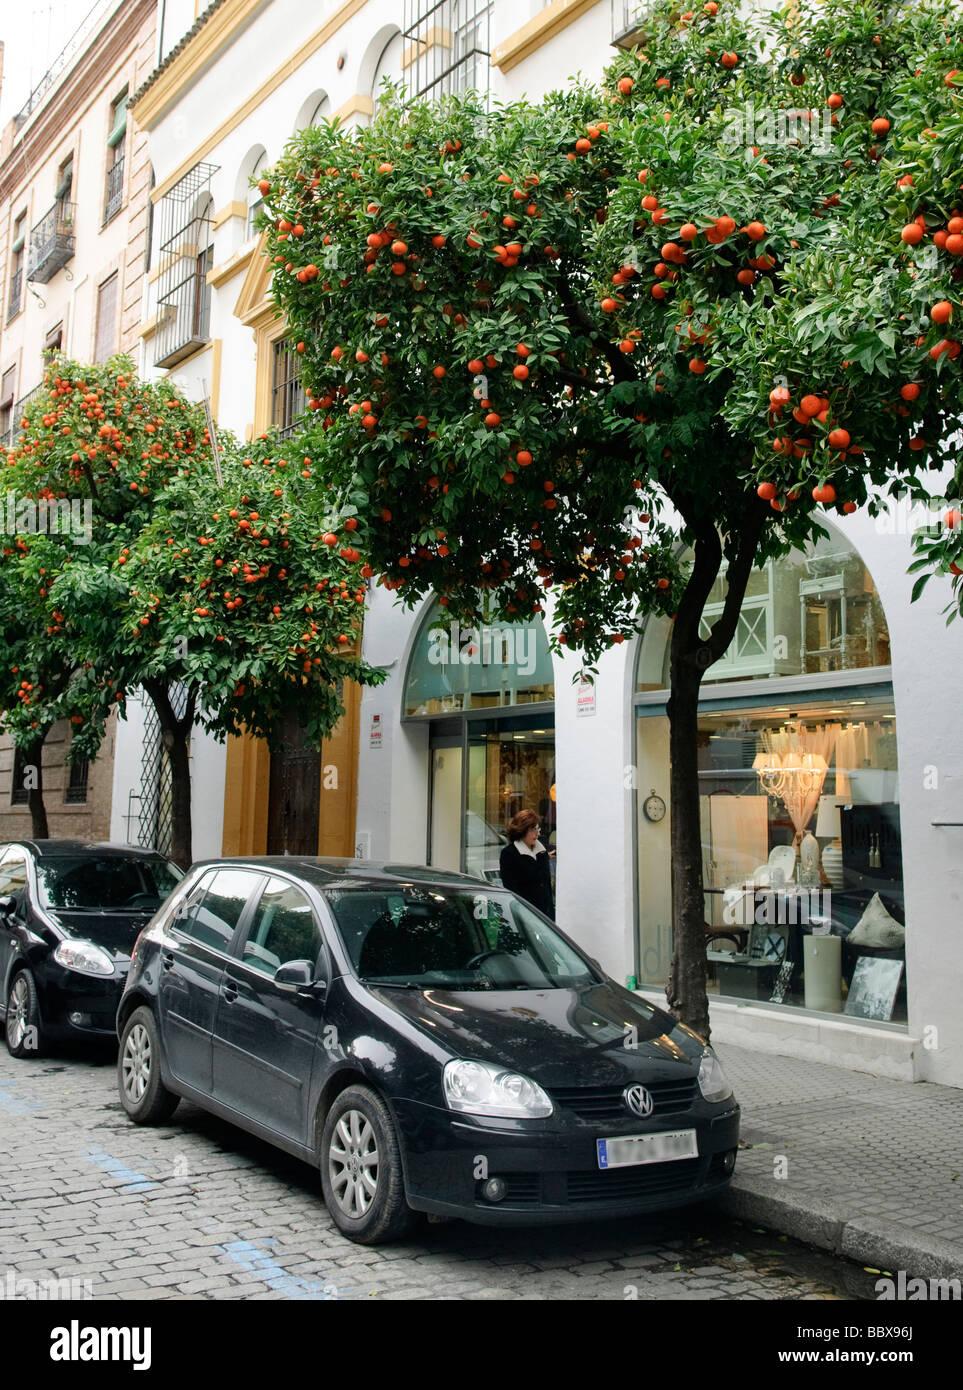 Downtown shopping strada costeggiata da alberi di mandarino in Sevilla , Spagna Immagini Stock